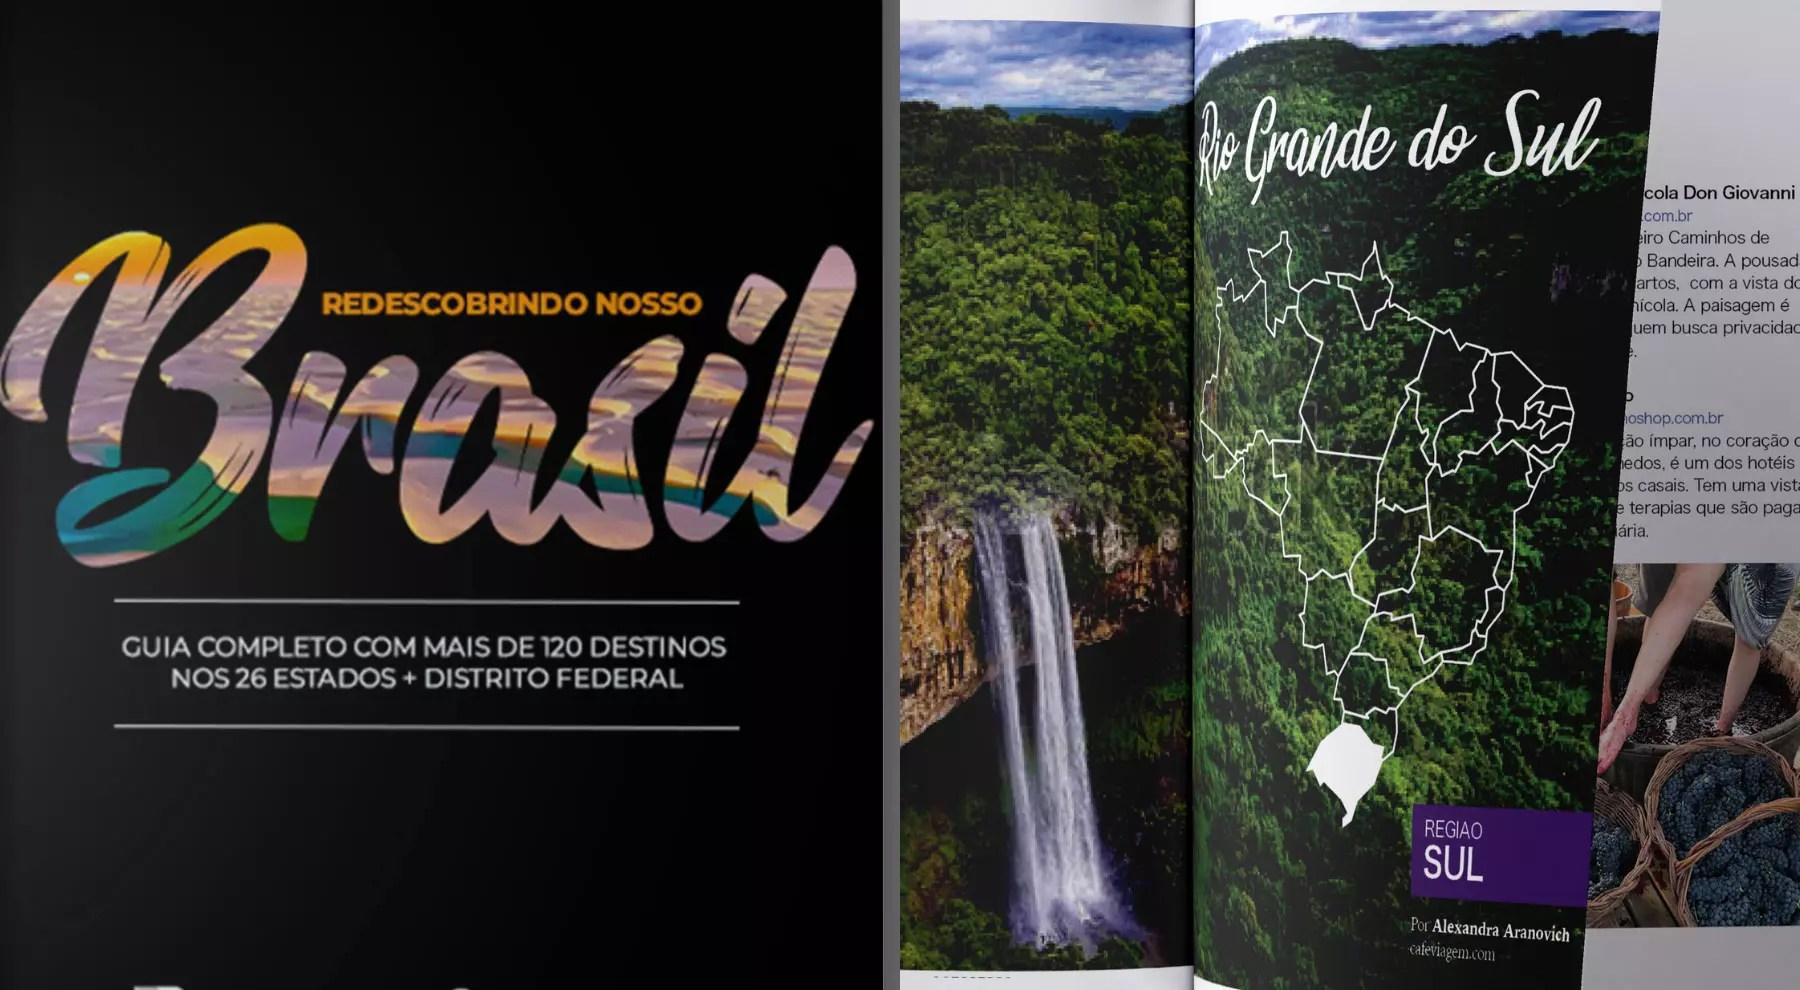 Guia Redescobrindo nosso Brasil